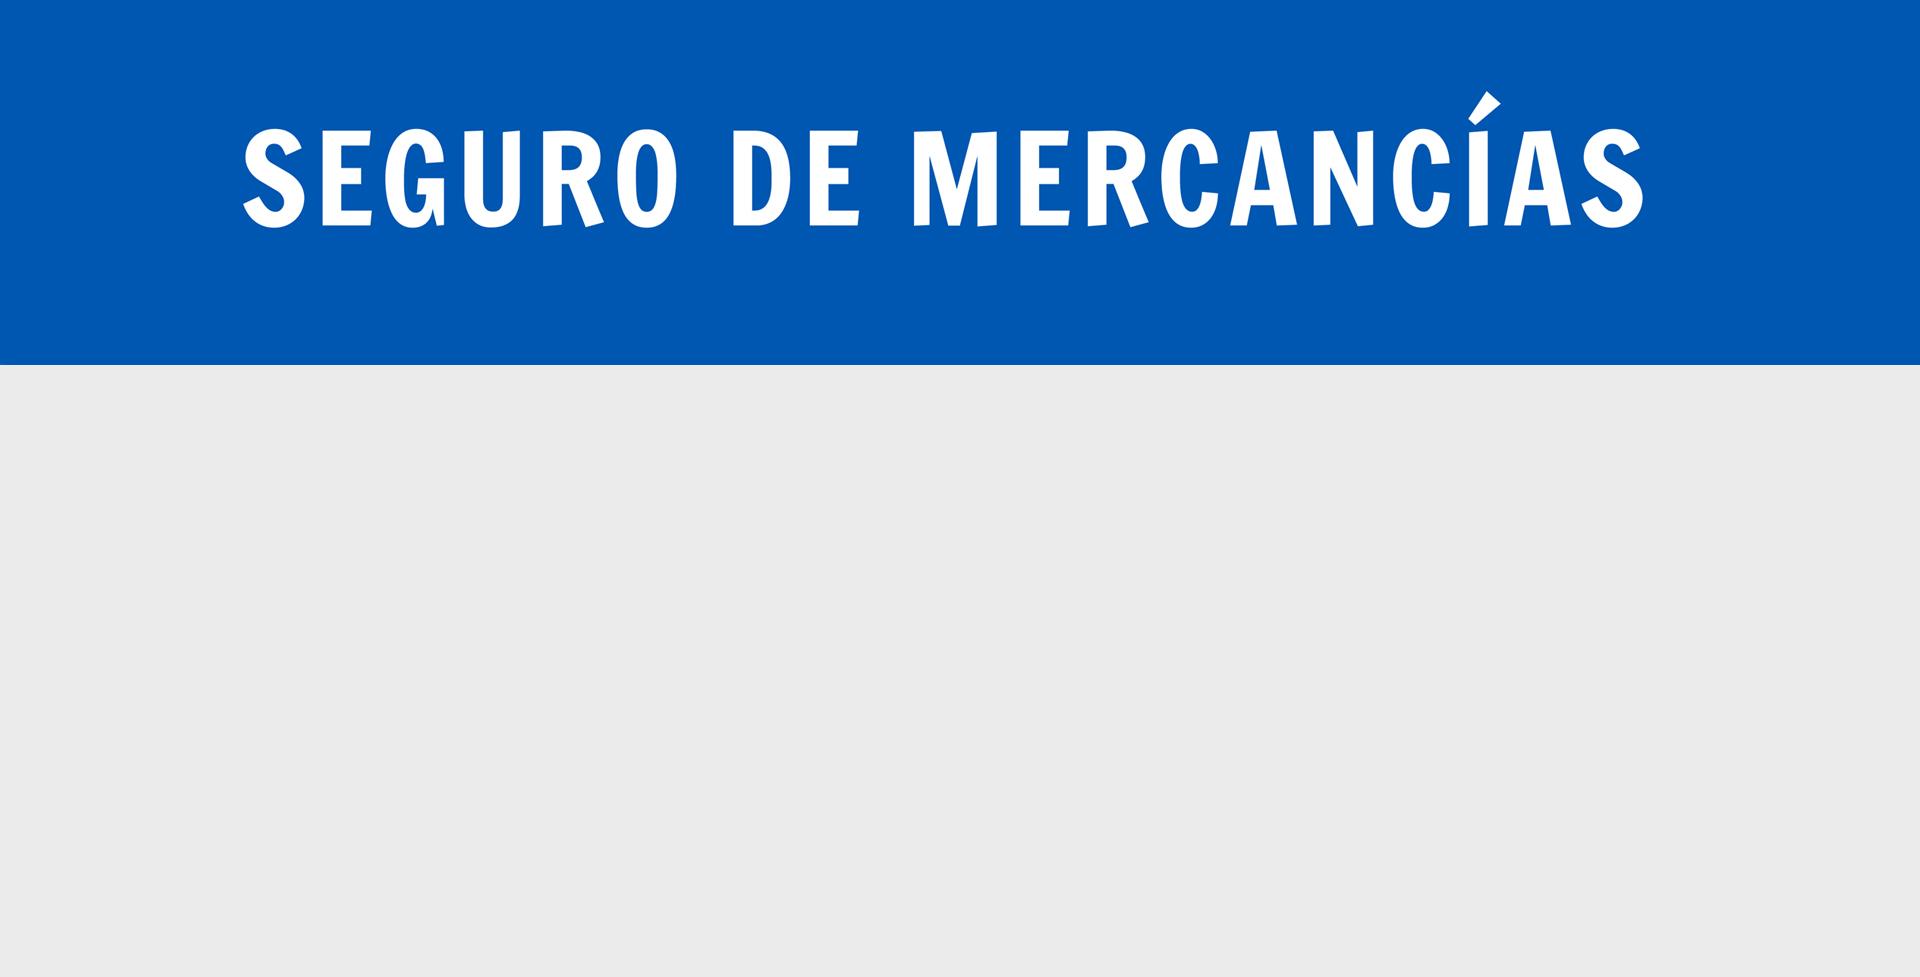 http://www.trtrefrigerados.com/wp-content/uploads/2017/01/mercancias.jpg